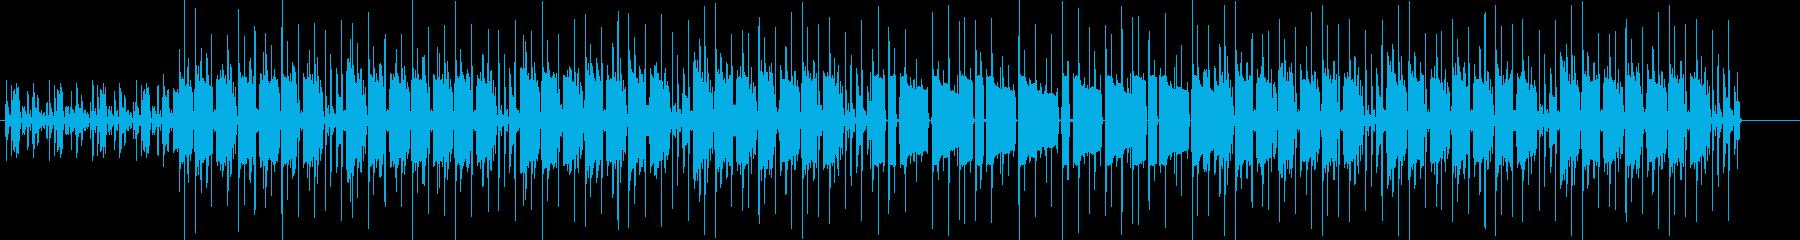 脈動するメロウなエレクトロニカサウ...の再生済みの波形